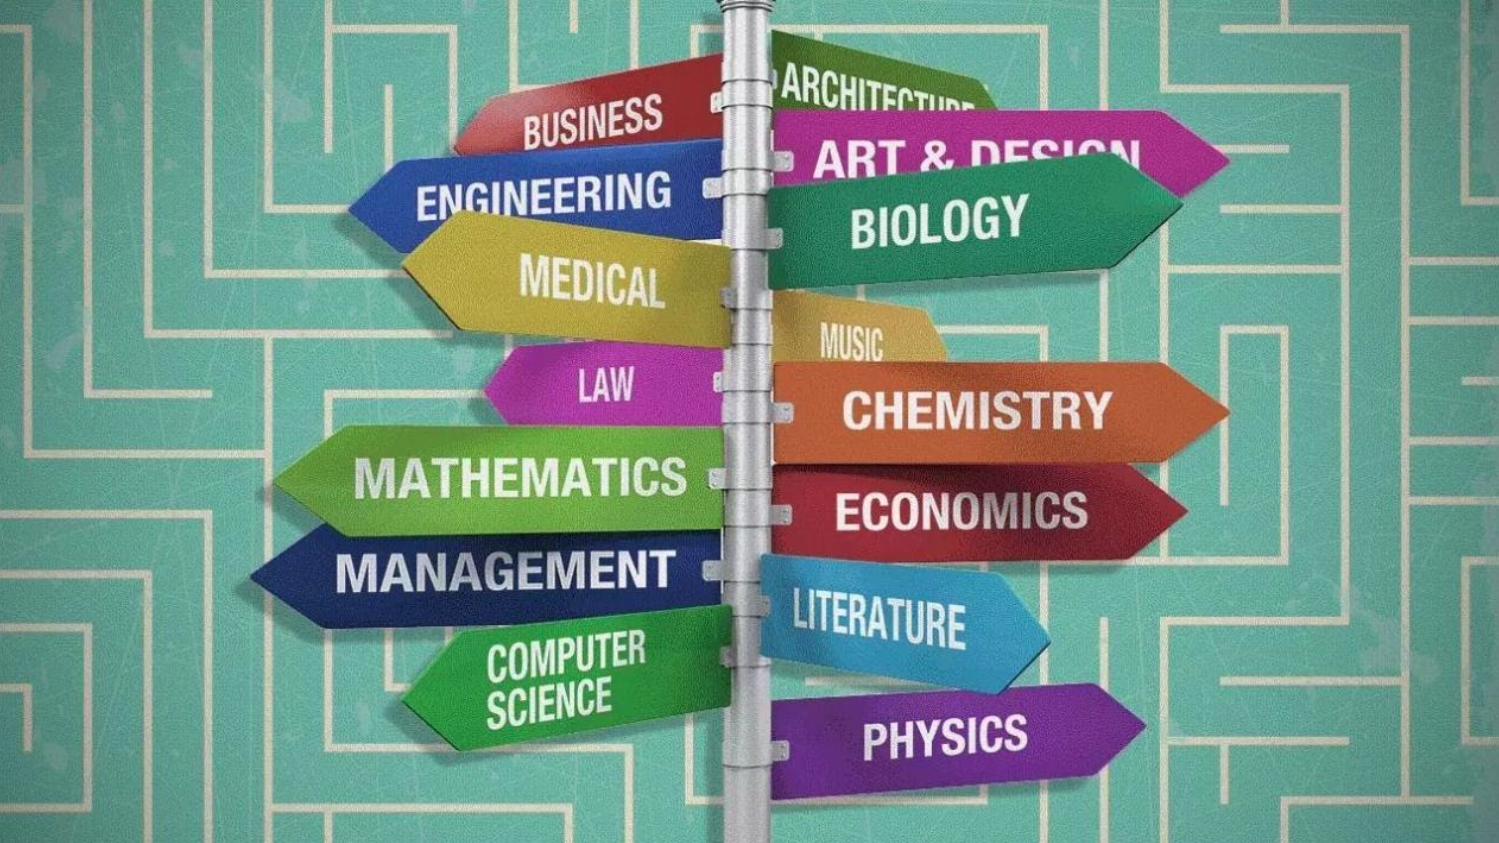 Những ngành học ở Australian National University (ANU) được nhiều sinh viên chọn học nhất là gì? (Phần 1)